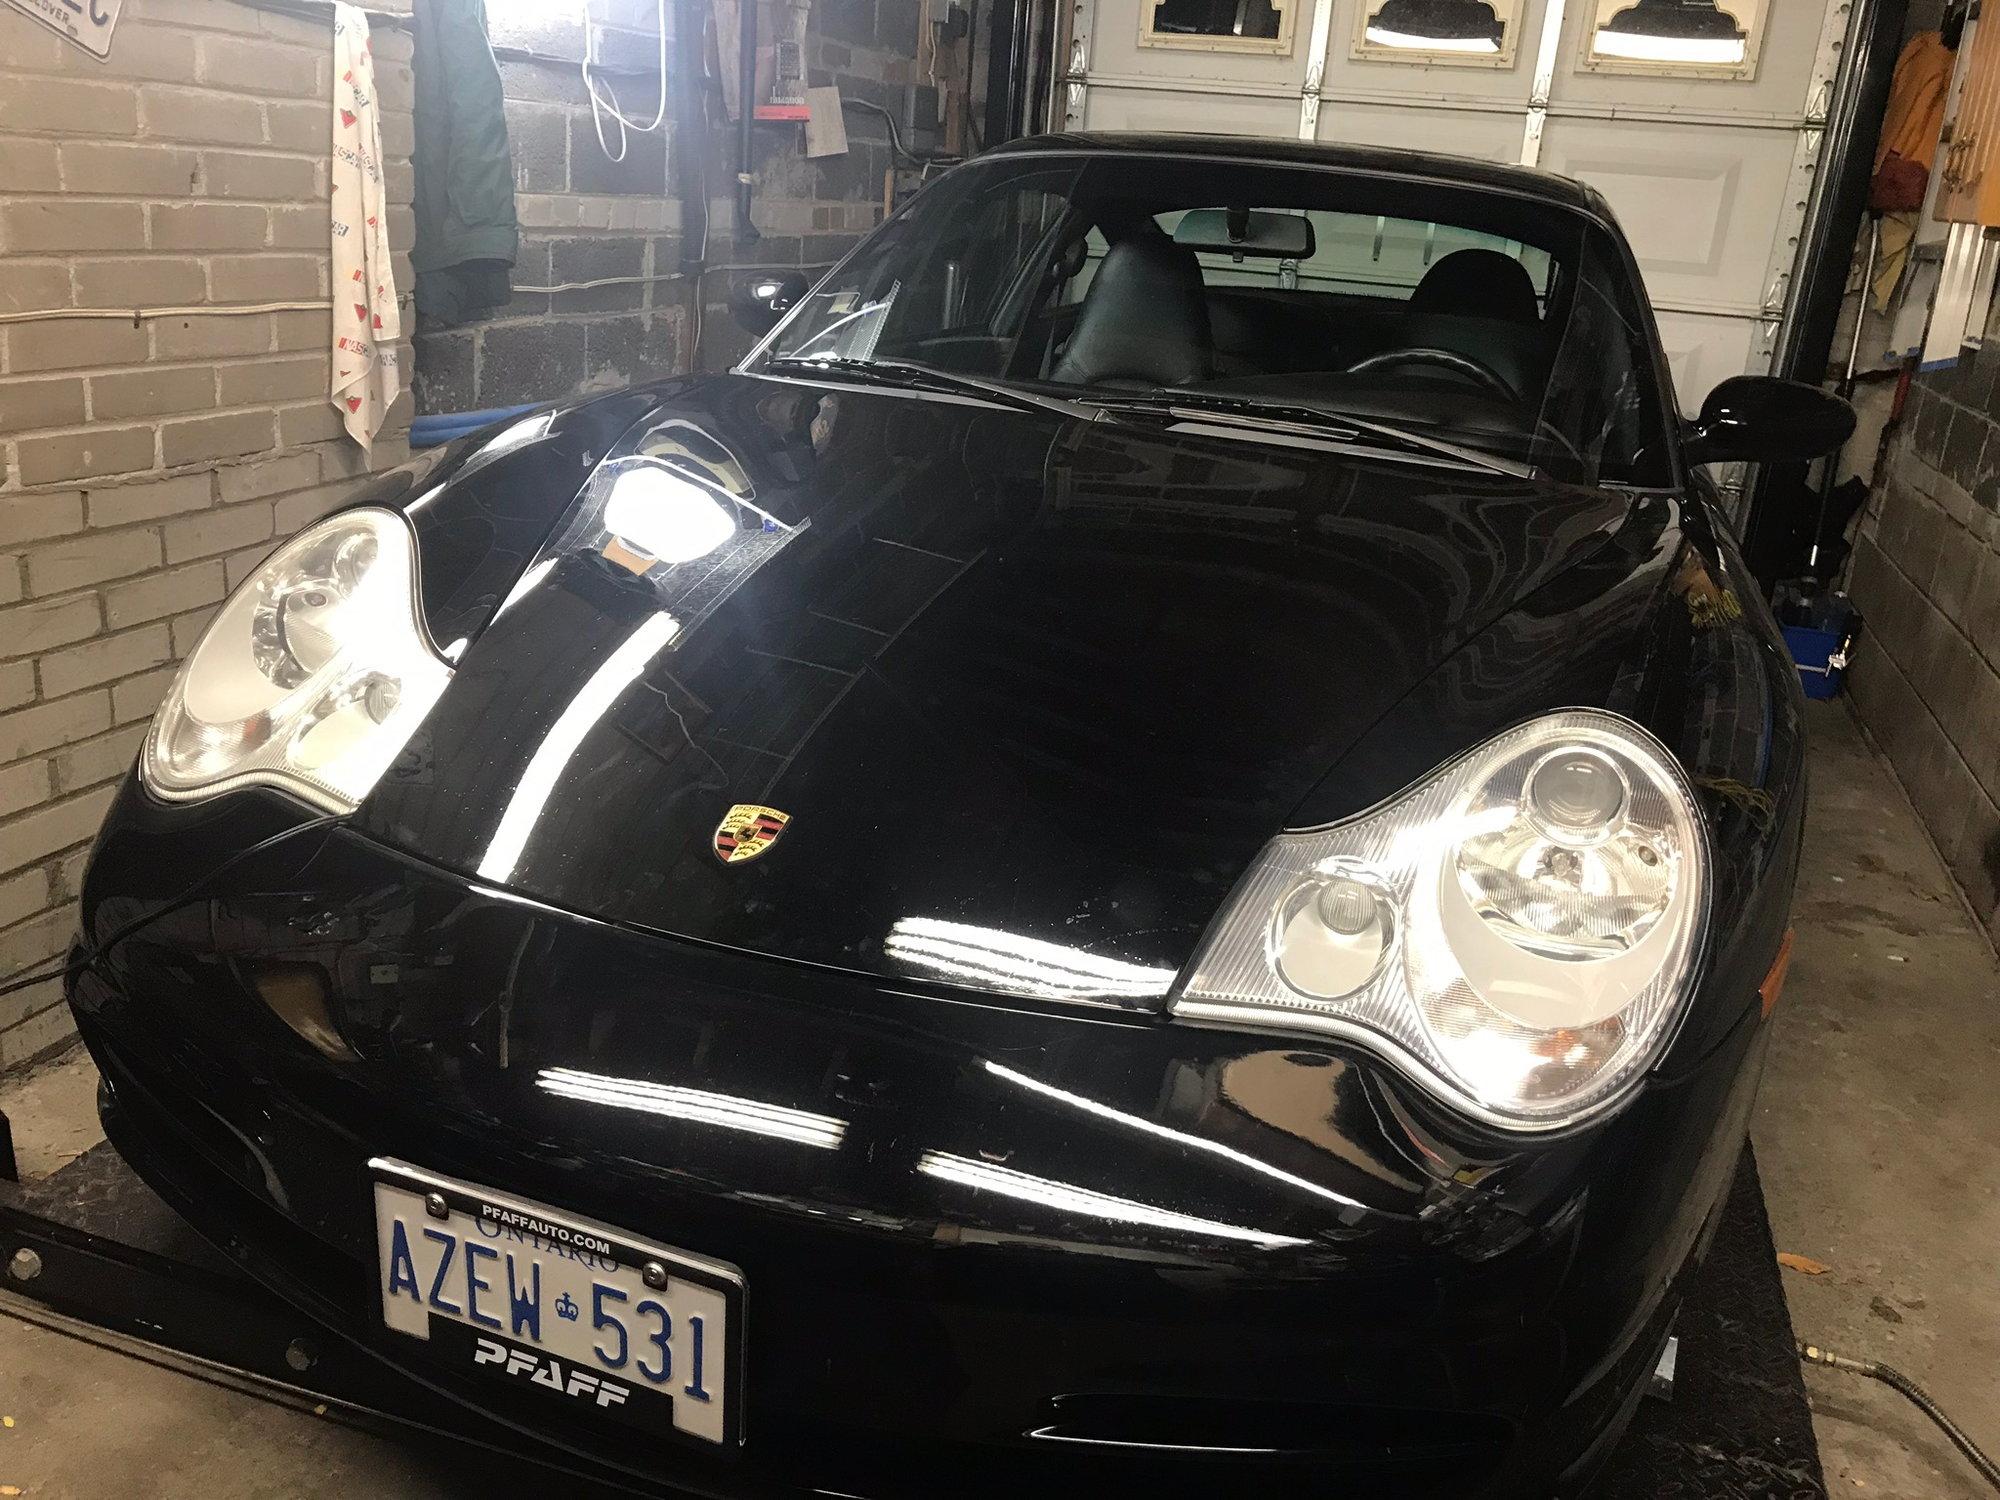 Danmar M6: Perfect 996 Home Lift - Page 2 - Rennlist - Porsche